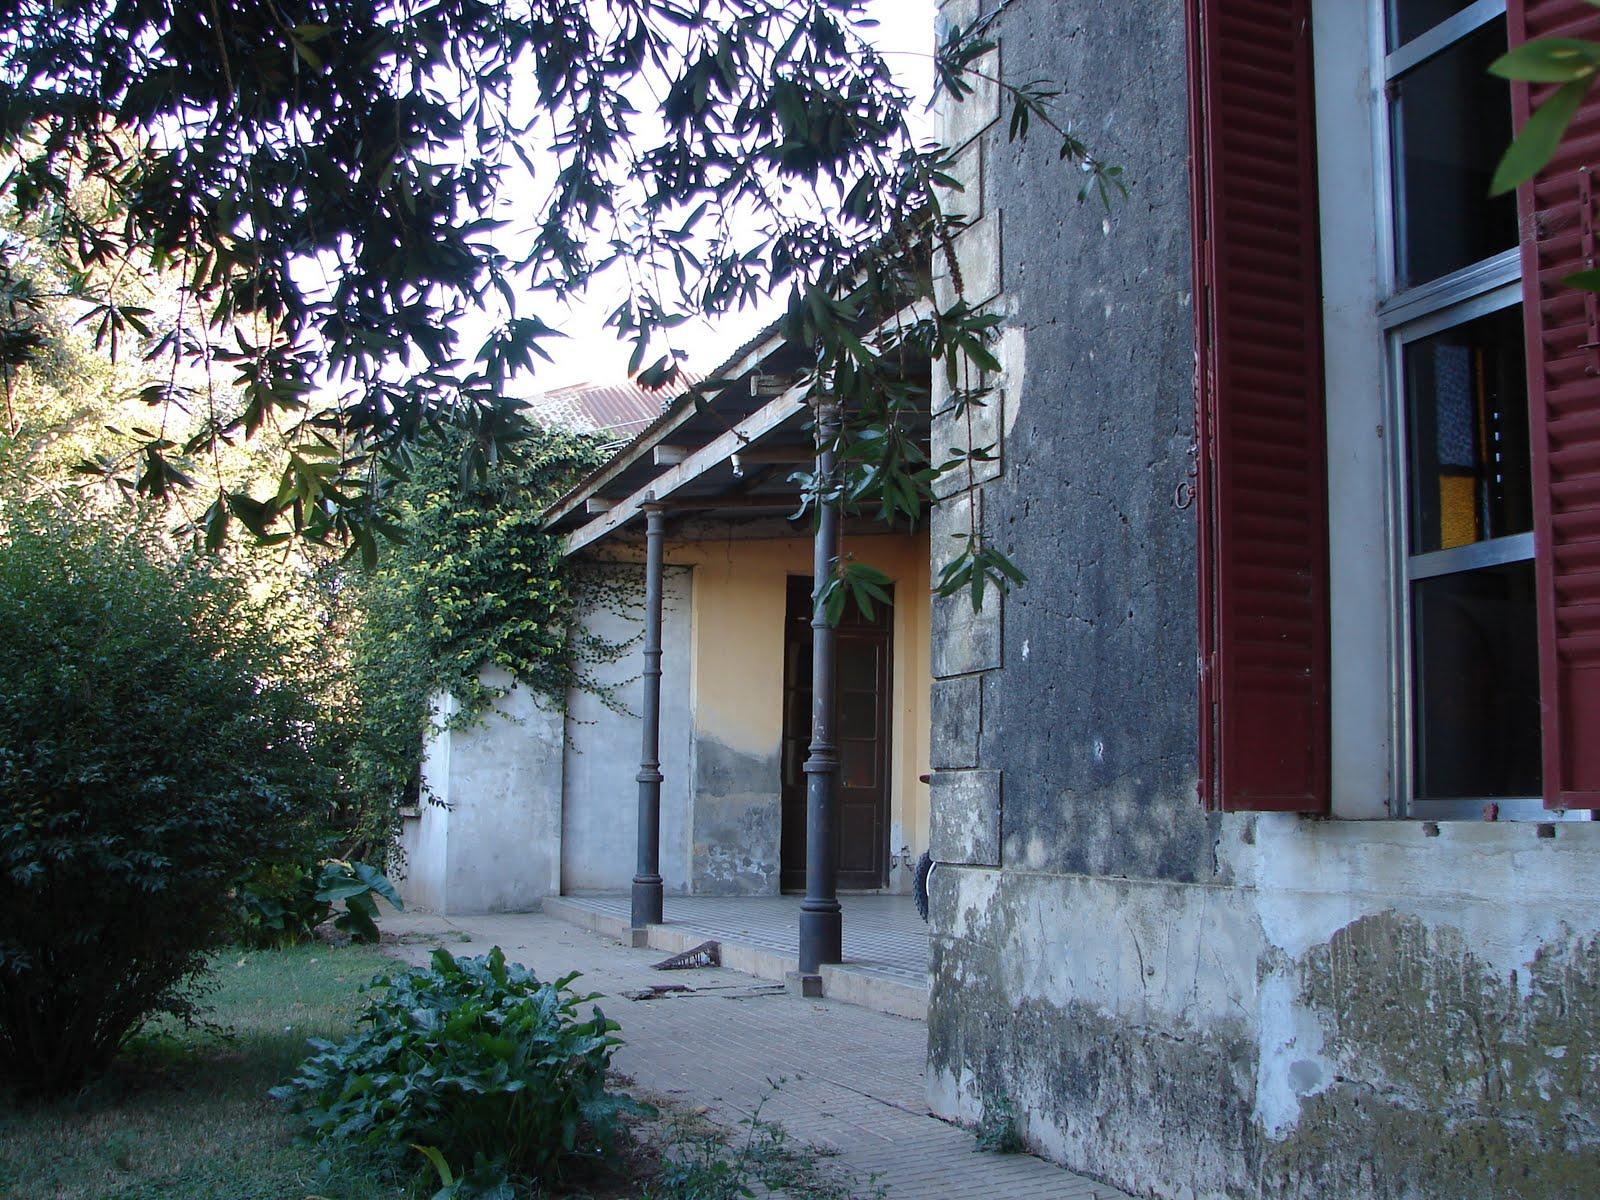 La foto diaria casa de campo familia bruera iii - Casas antiguas de campo ...